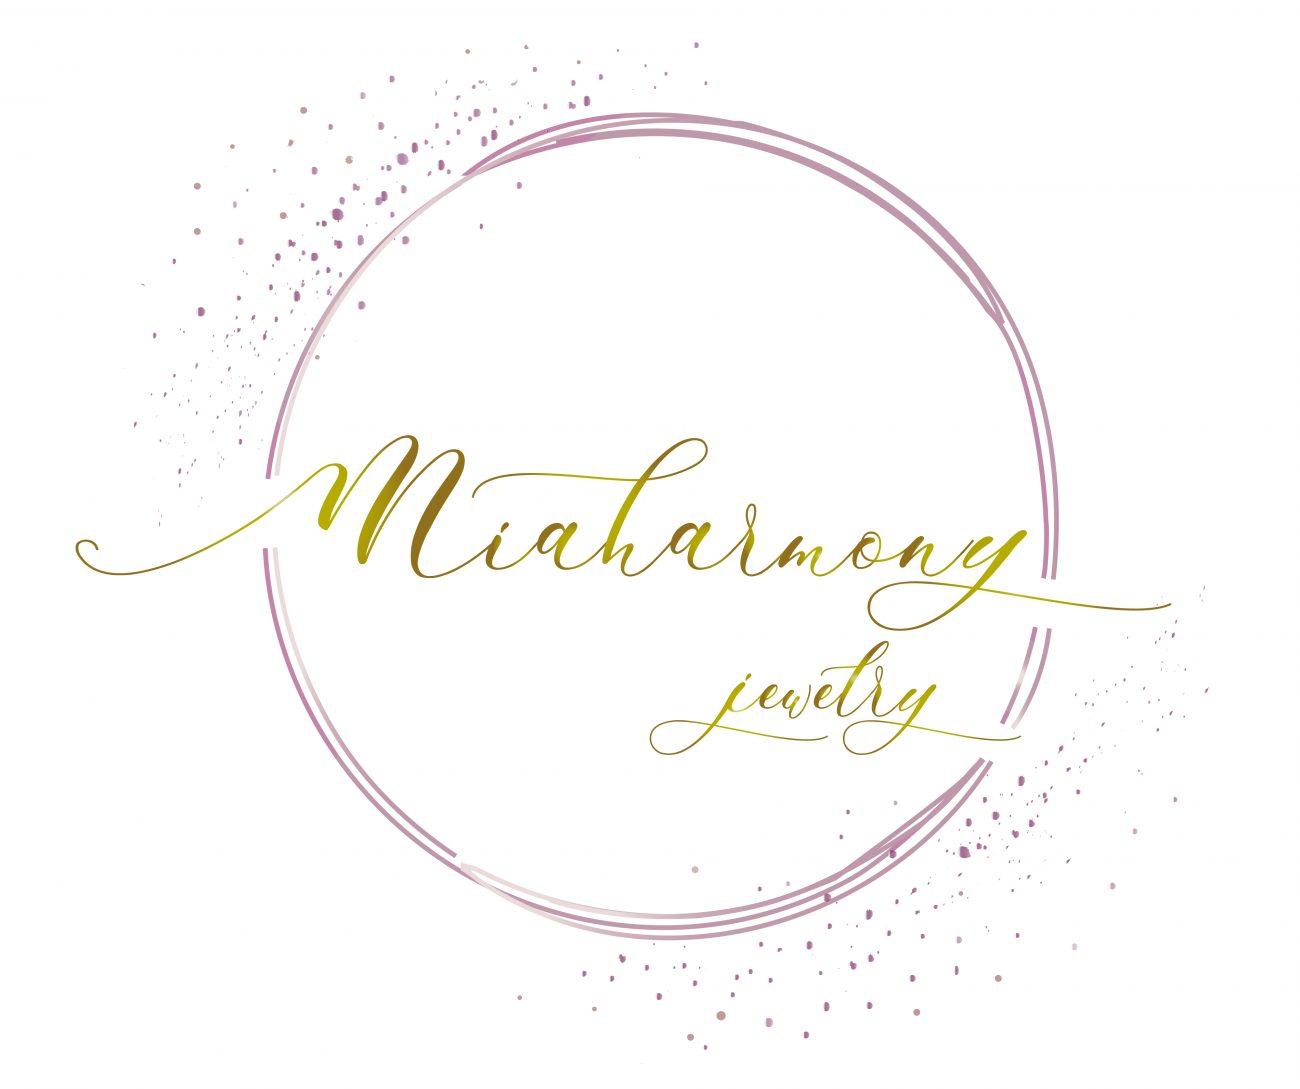 Miaharmony Ásvány Ékszerek Arculat és Logó tervezés